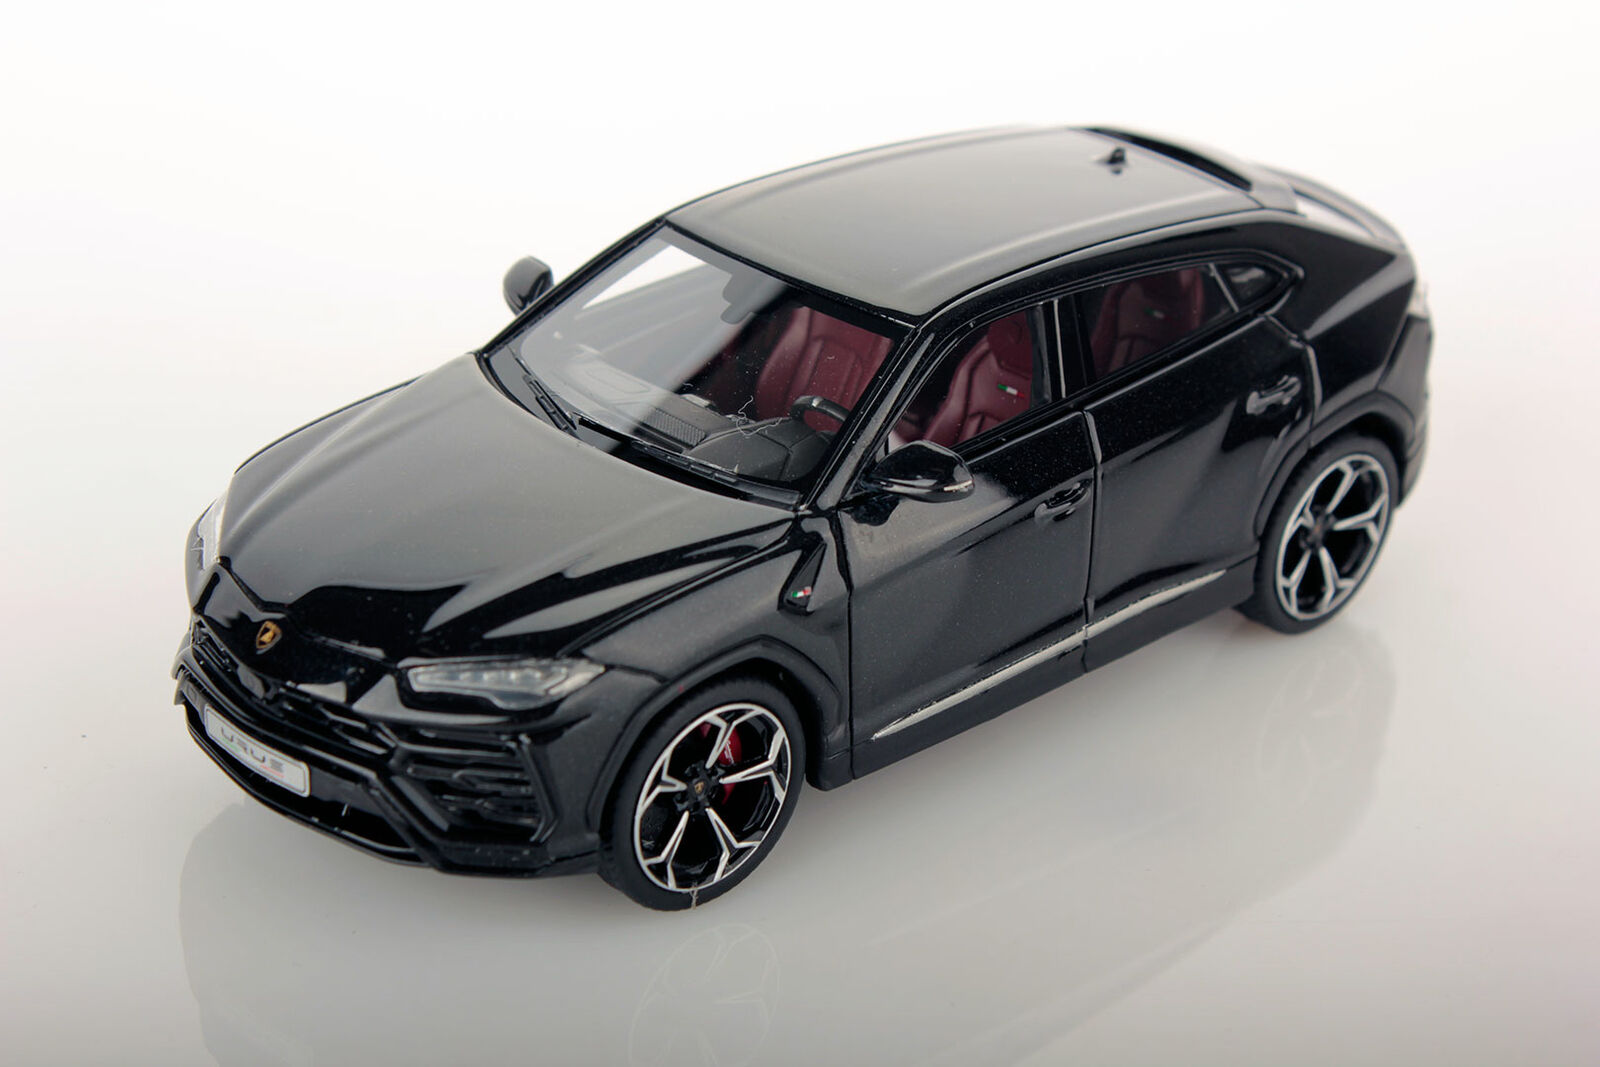 Lamborghini Urus noir  Helene 2017 1 43 Lookintelligent  approvisionnement direct des fabricants